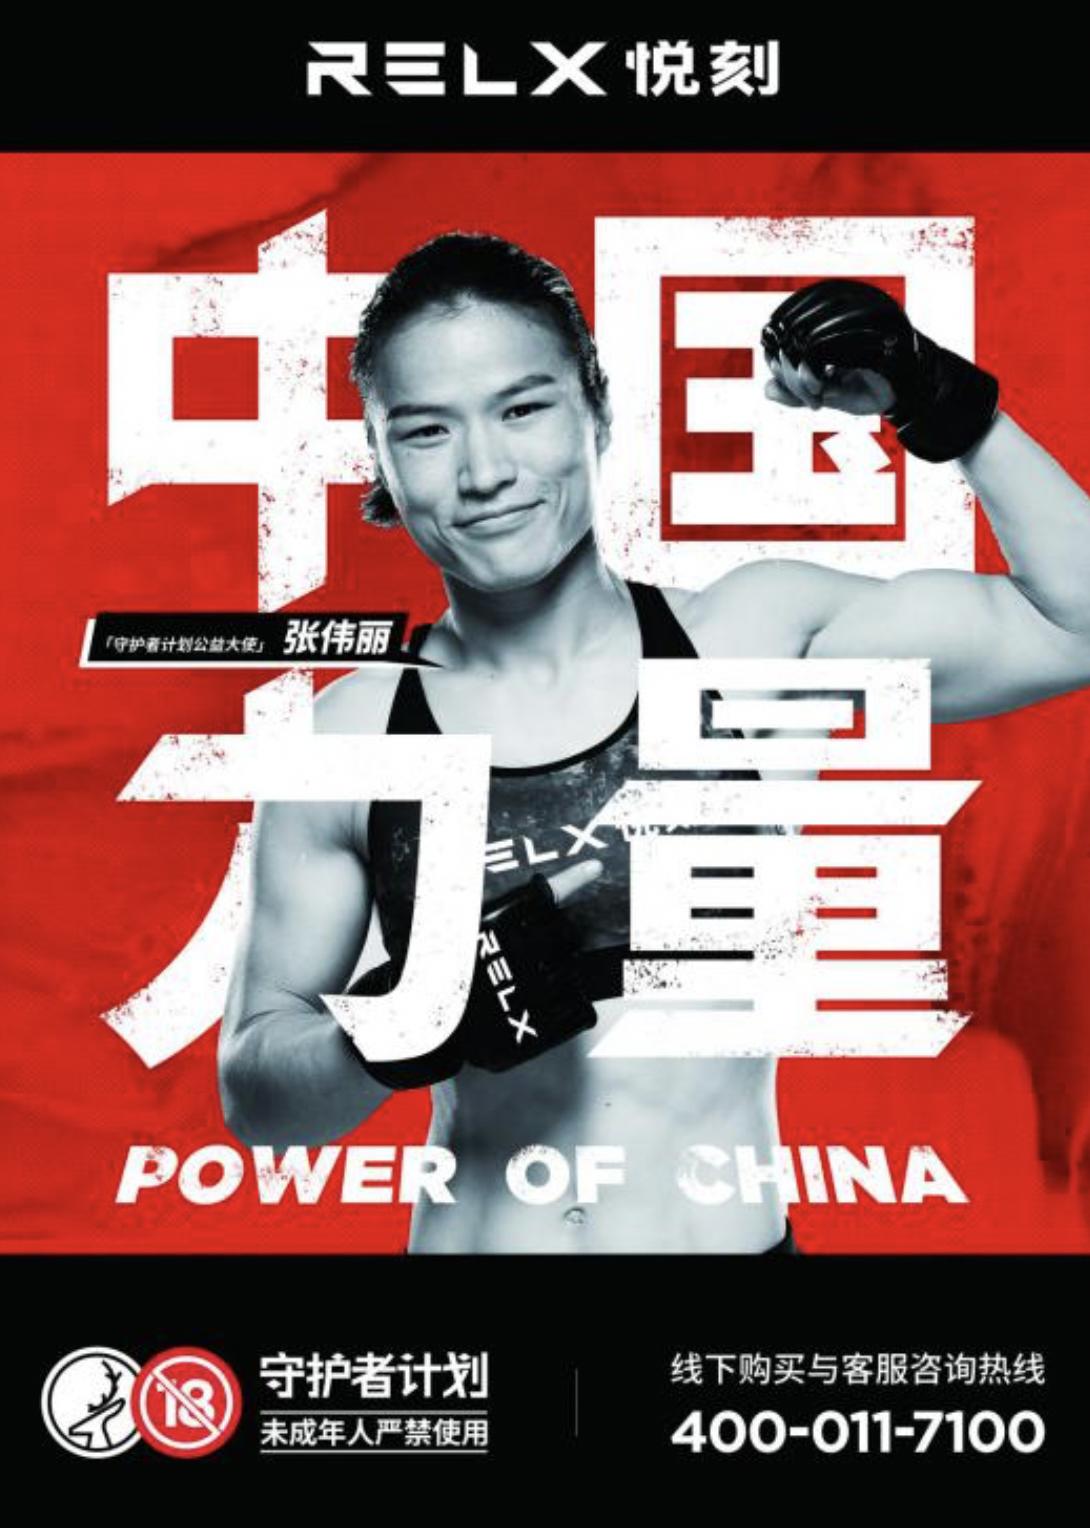 """为守护未成年人,RELX悦刻请来""""中国最能打的女人""""图片"""